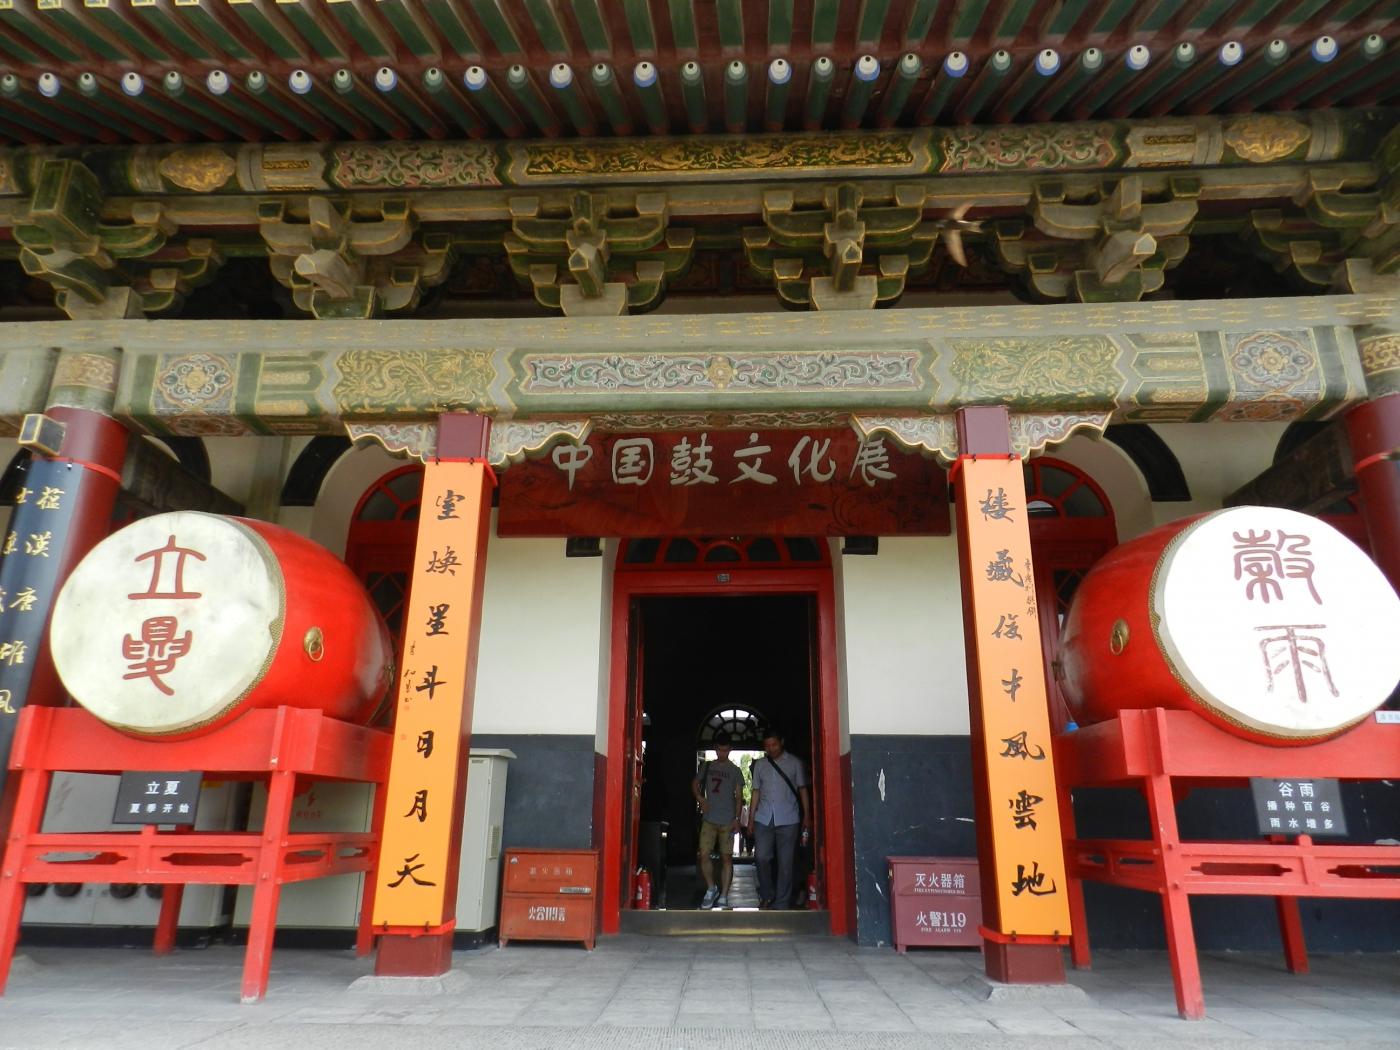 【汉良子】西安鼓楼(图)_图1-4